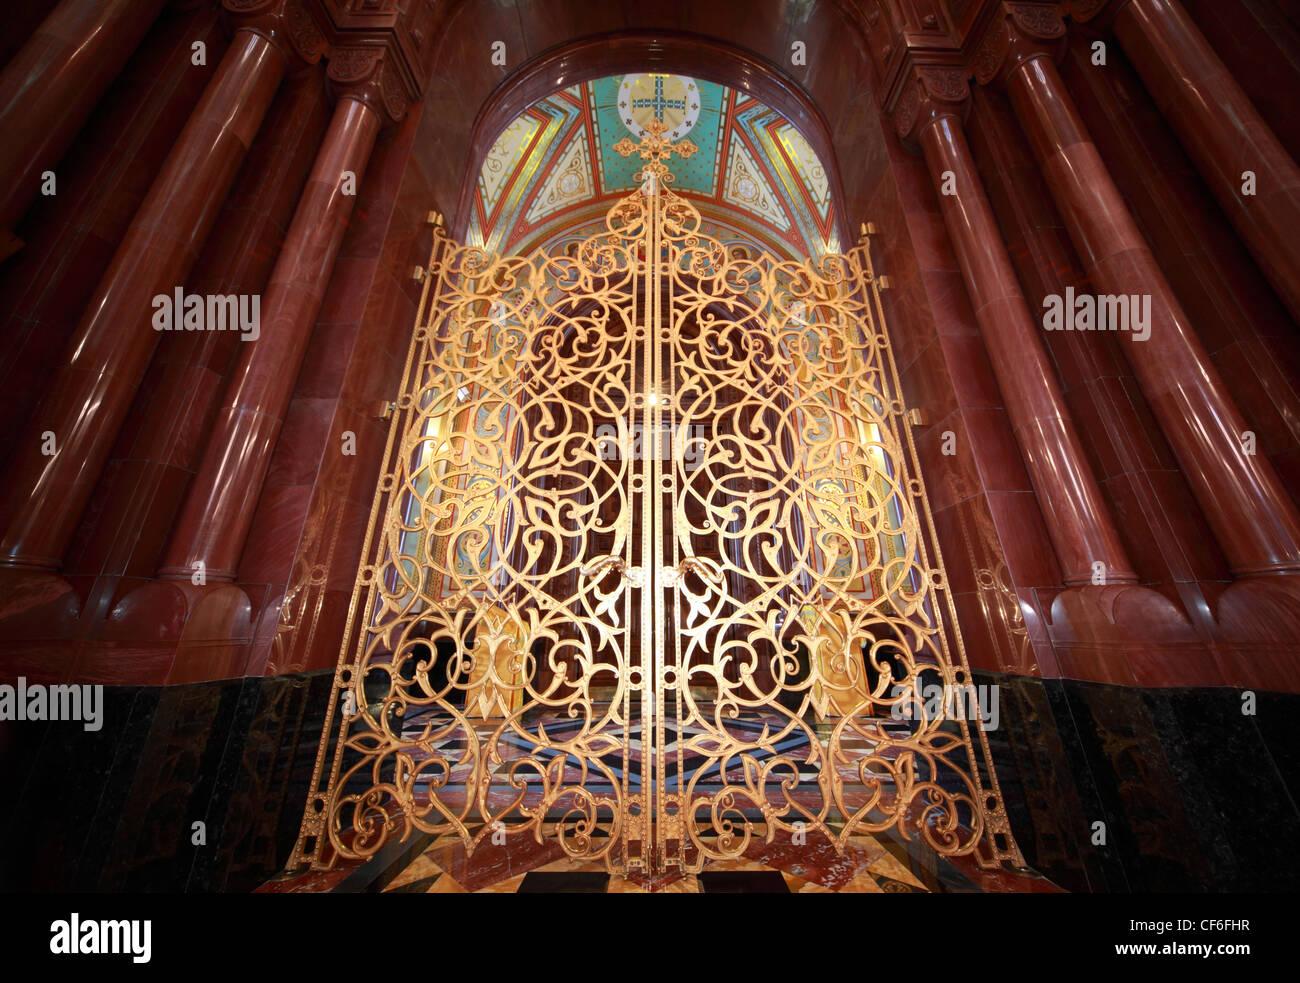 L'intérieur de porte doré à motifs Cathédrale du Christ Sauveur à Moscou, Russie Photo Stock